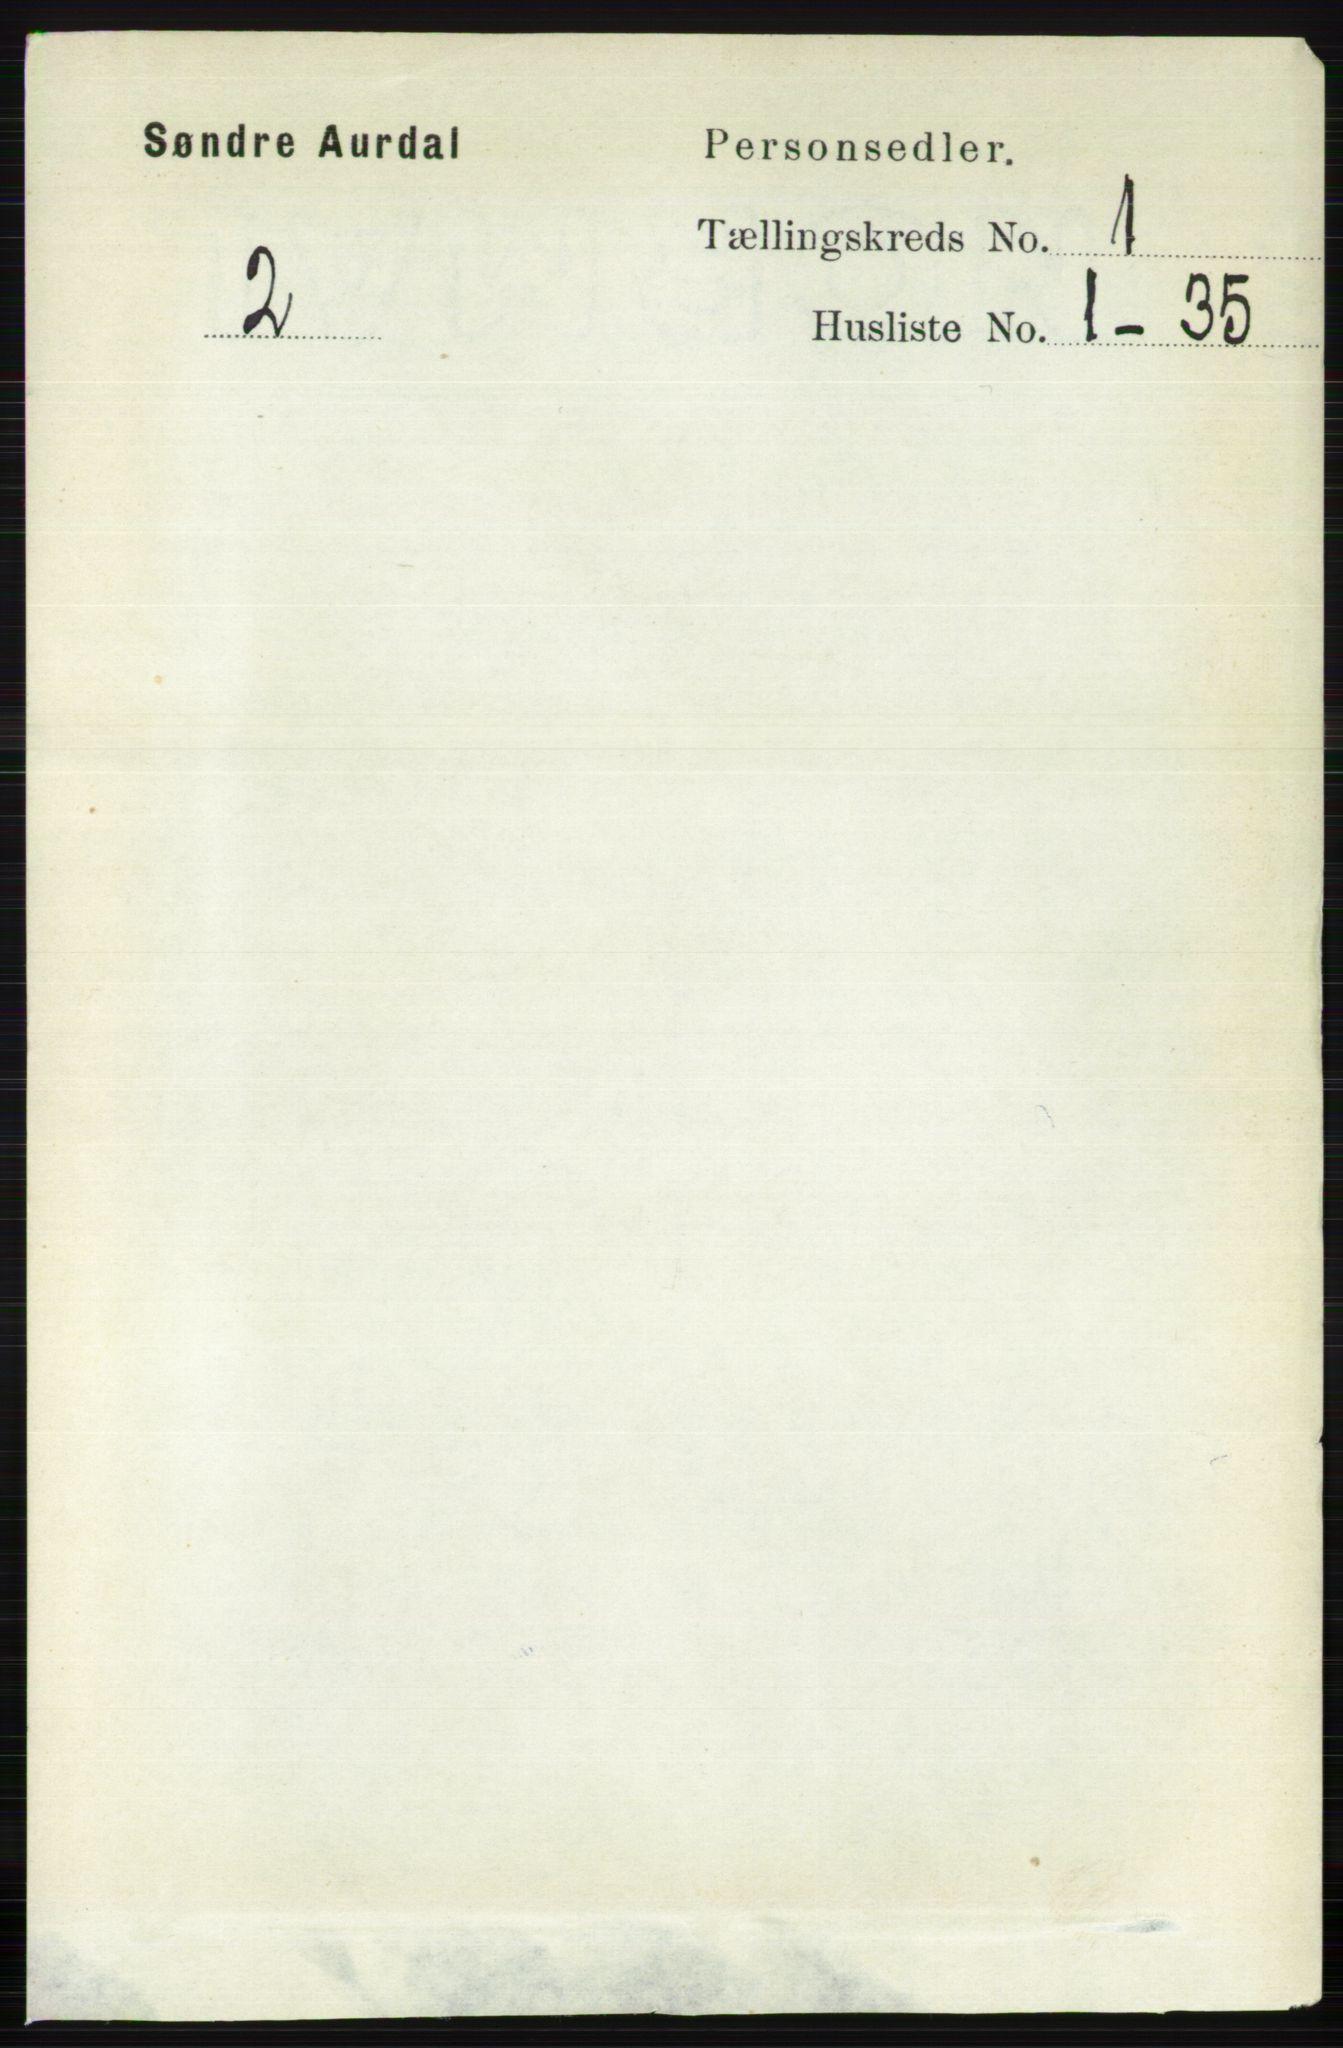 RA, Folketelling 1891 for 0540 Sør-Aurdal herred, 1891, s. 142